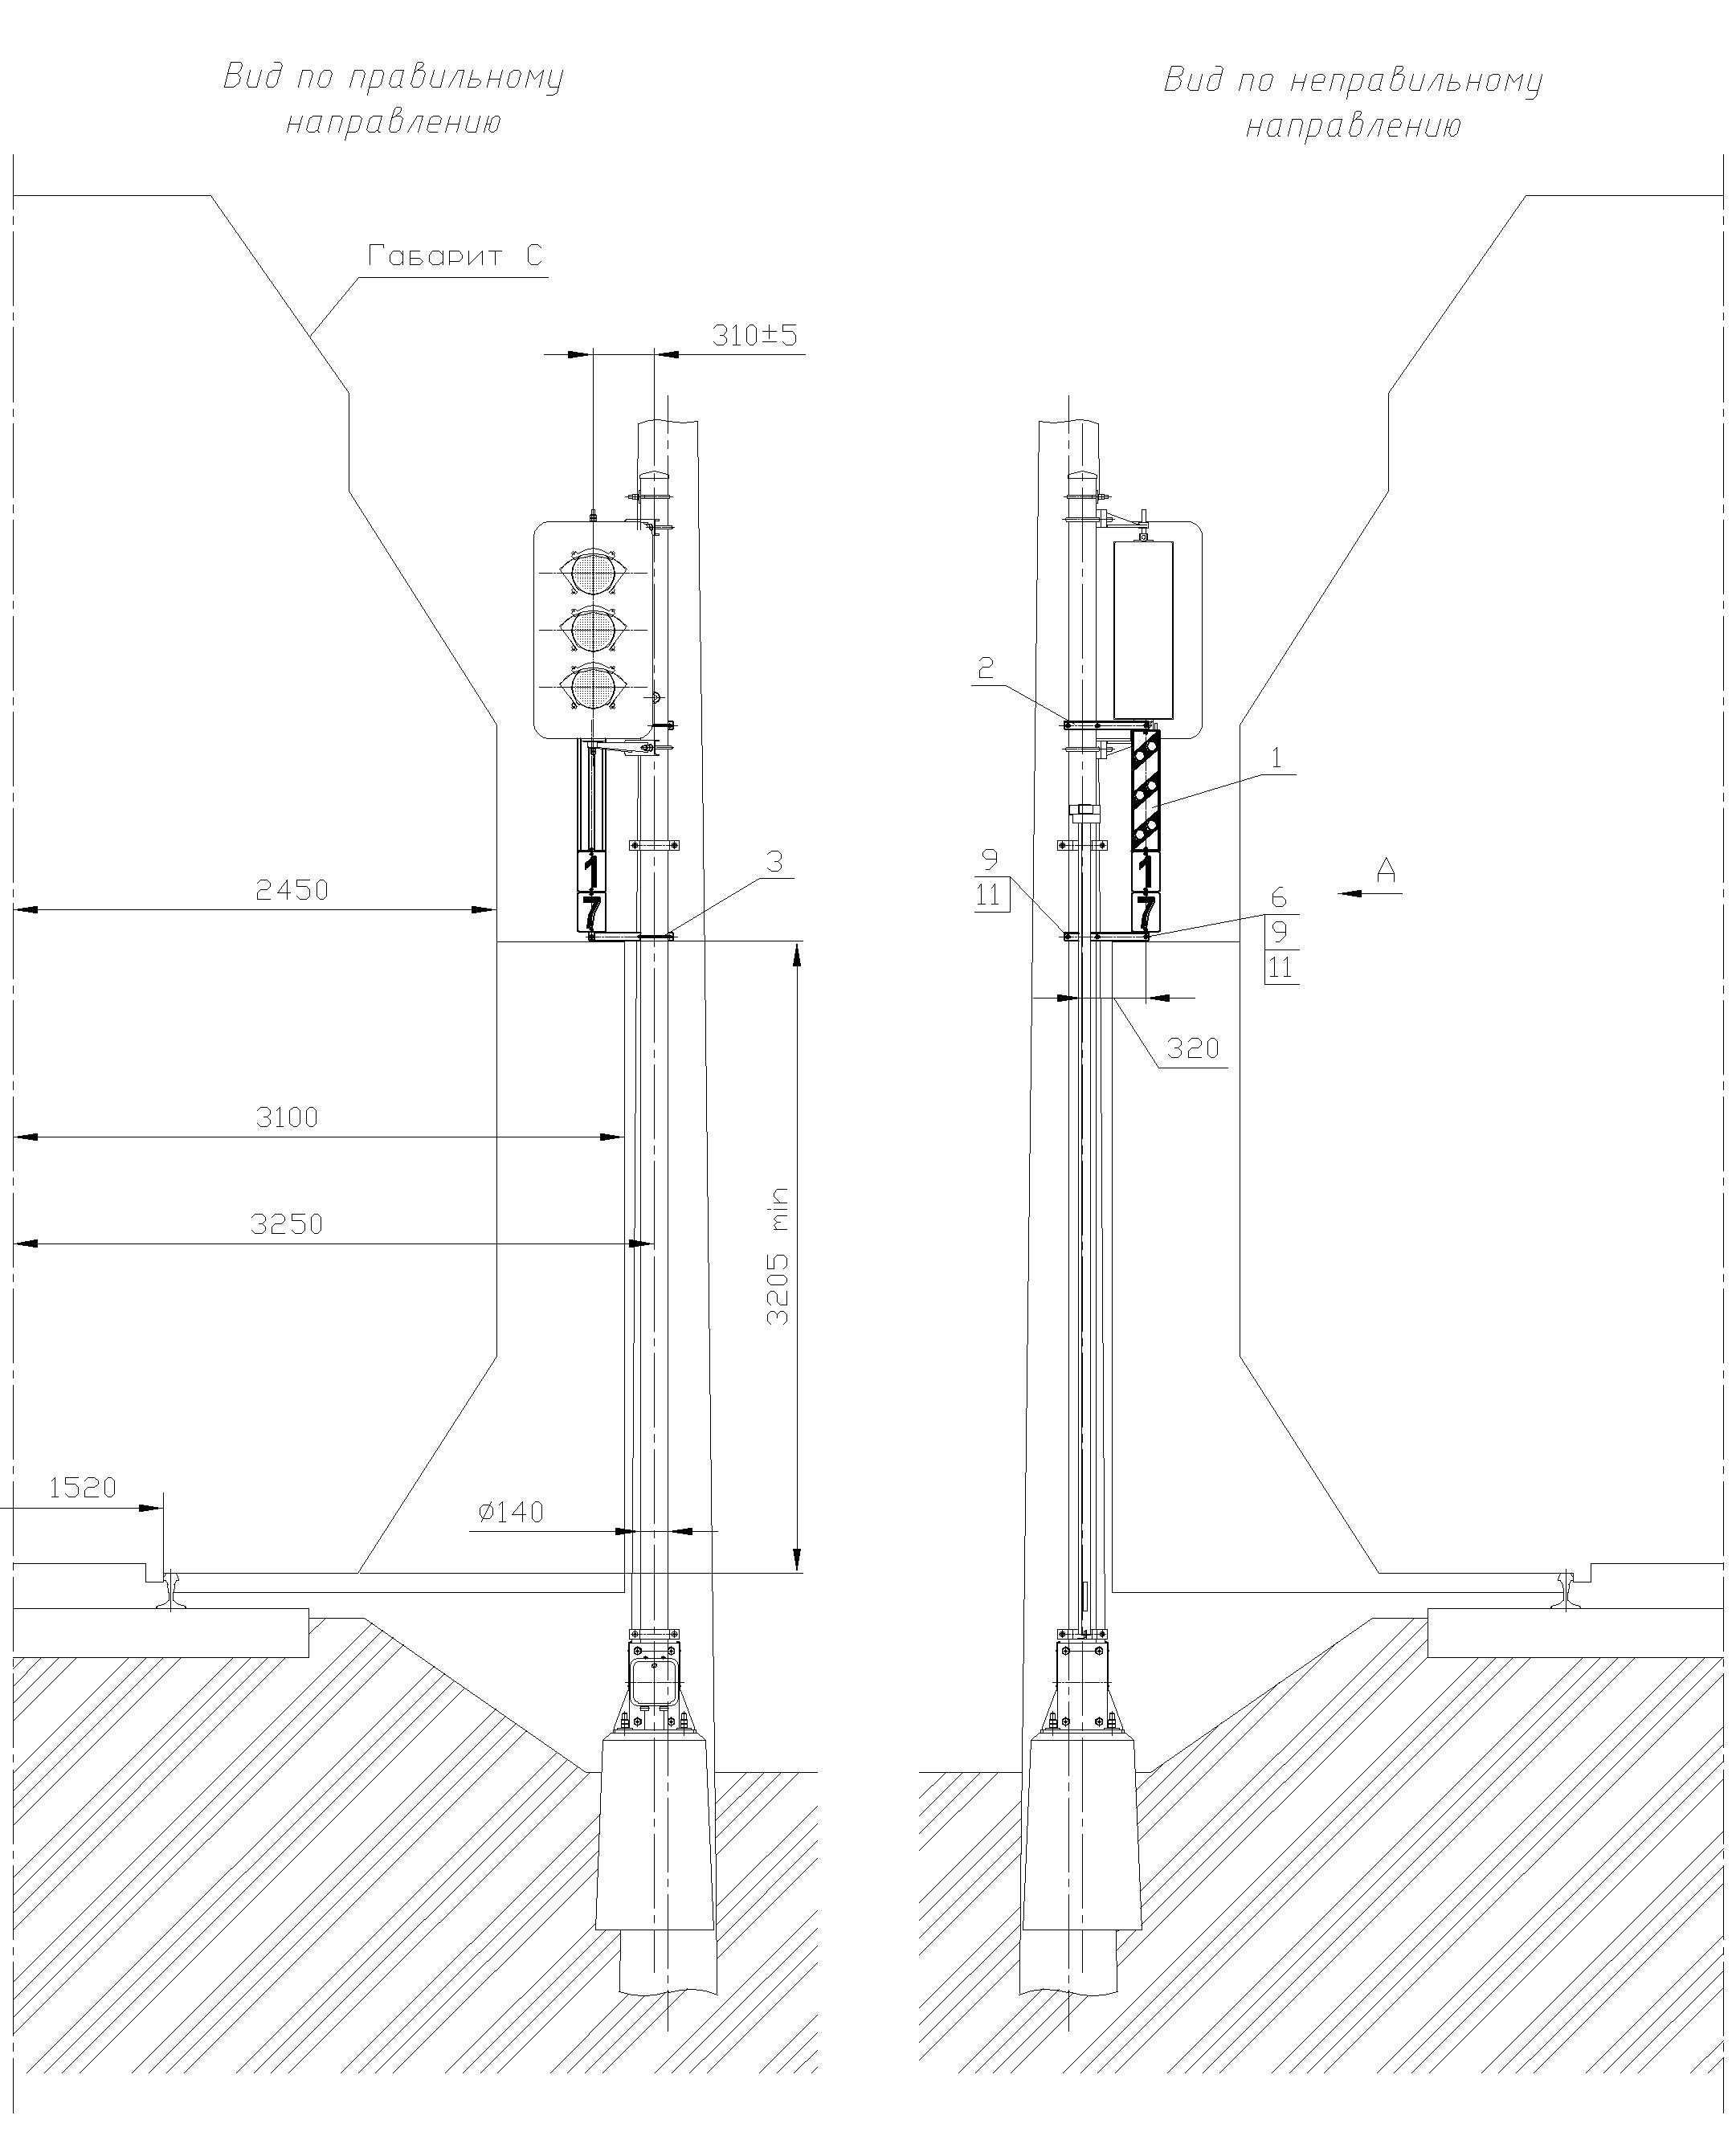 Рисунок 81. Вариант 1 крепления оповестительной таблички на мачте светофора